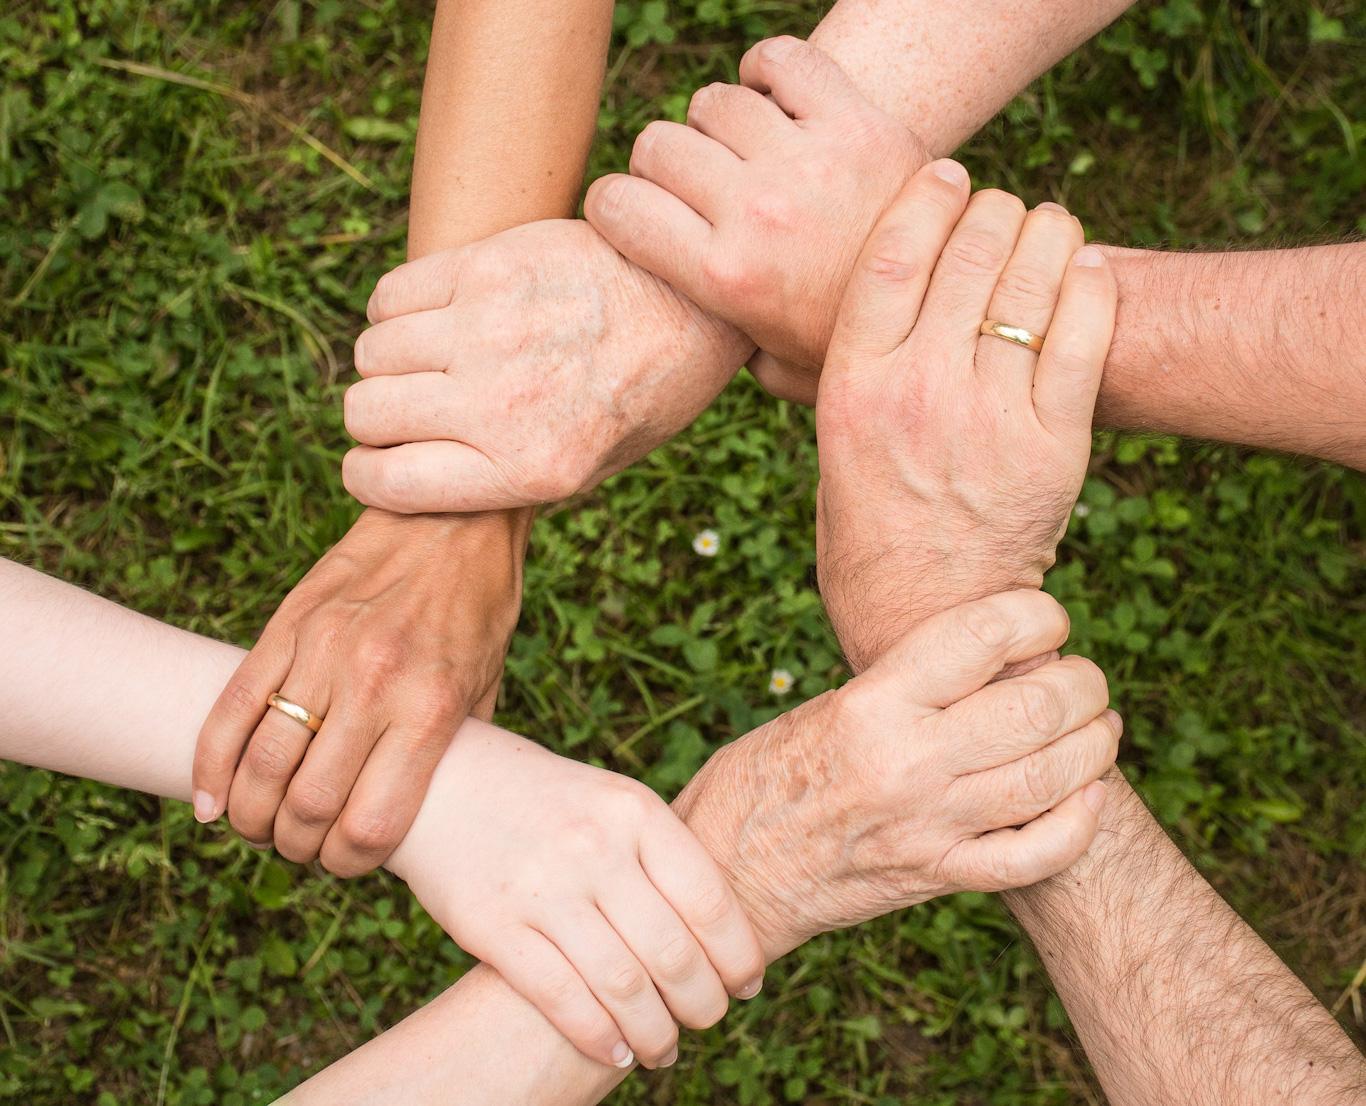 Kädet ristissä muodostavat ympyrän.